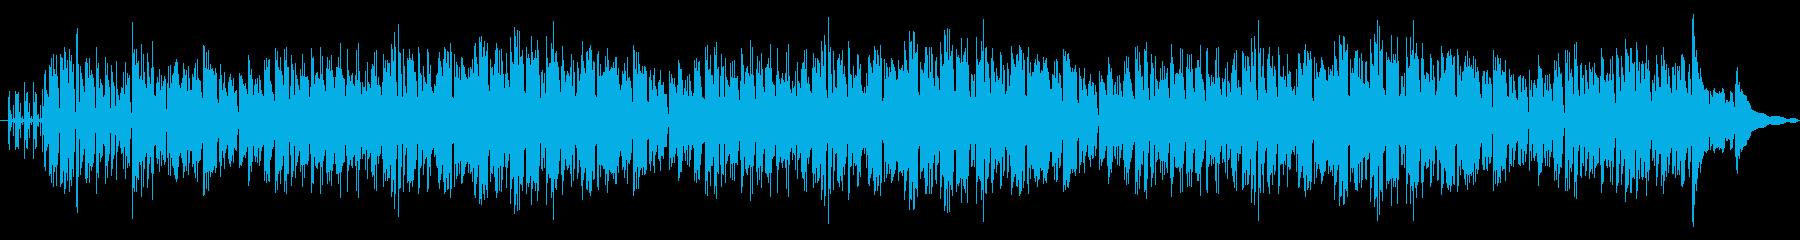 アコーディオンの音色が心地良いボサノヴァの再生済みの波形